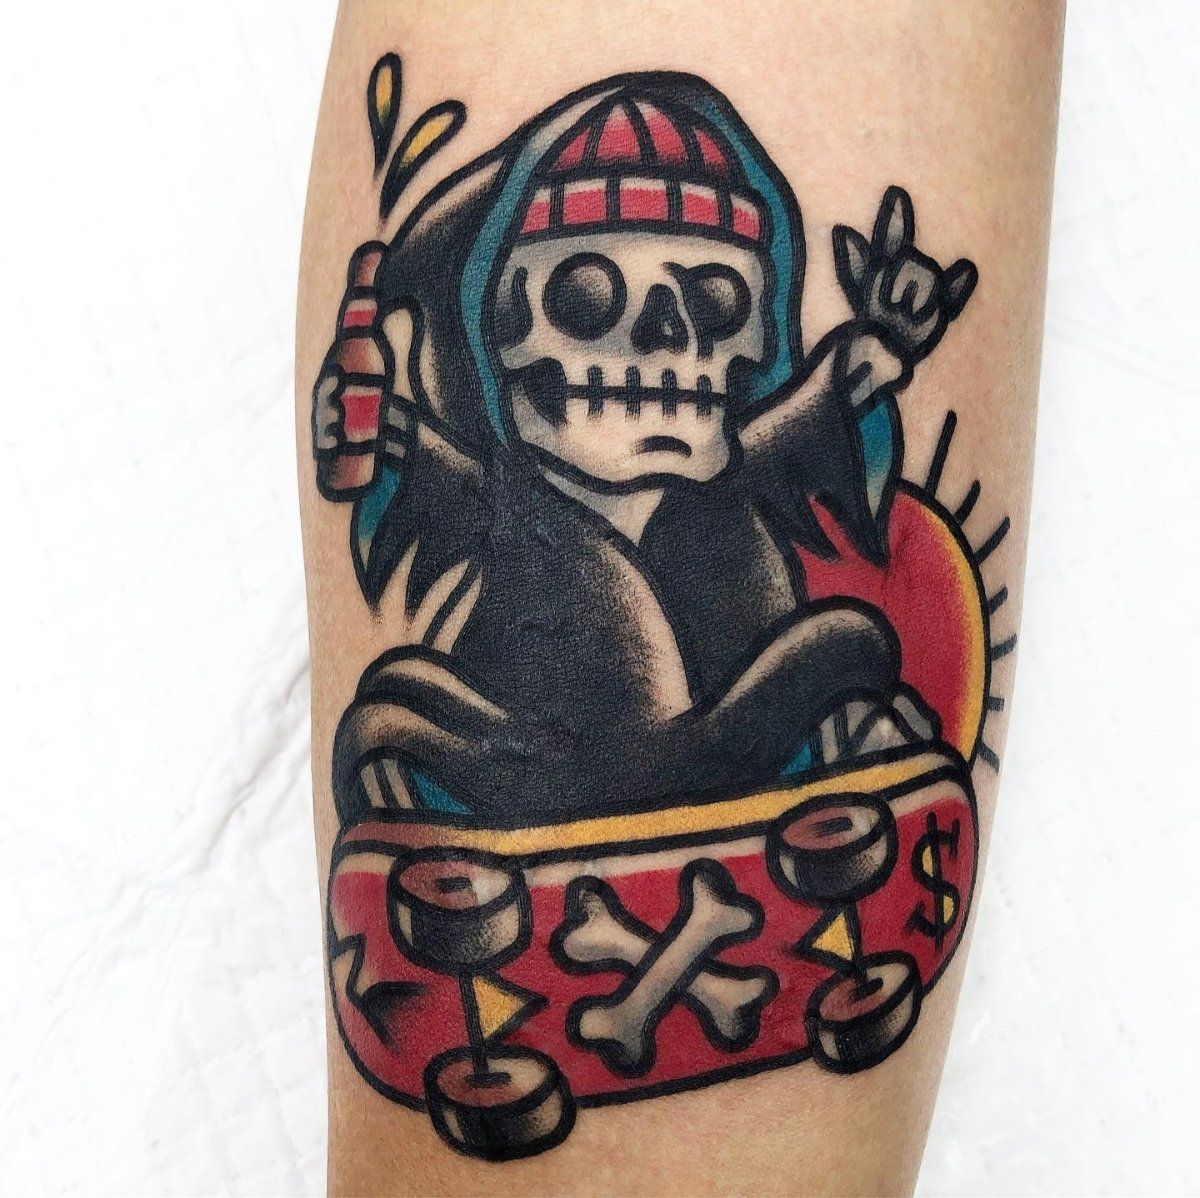 Inspiração de #tatuagem de caveira skatista em Old School. Gostaram? Confiram mais tatuagens neste estilo clássico no #blog. Link:   #tatuagemdecaveira #tatuagemoldschool #oldschool #oldschooltattoo #tatuagemmasculina